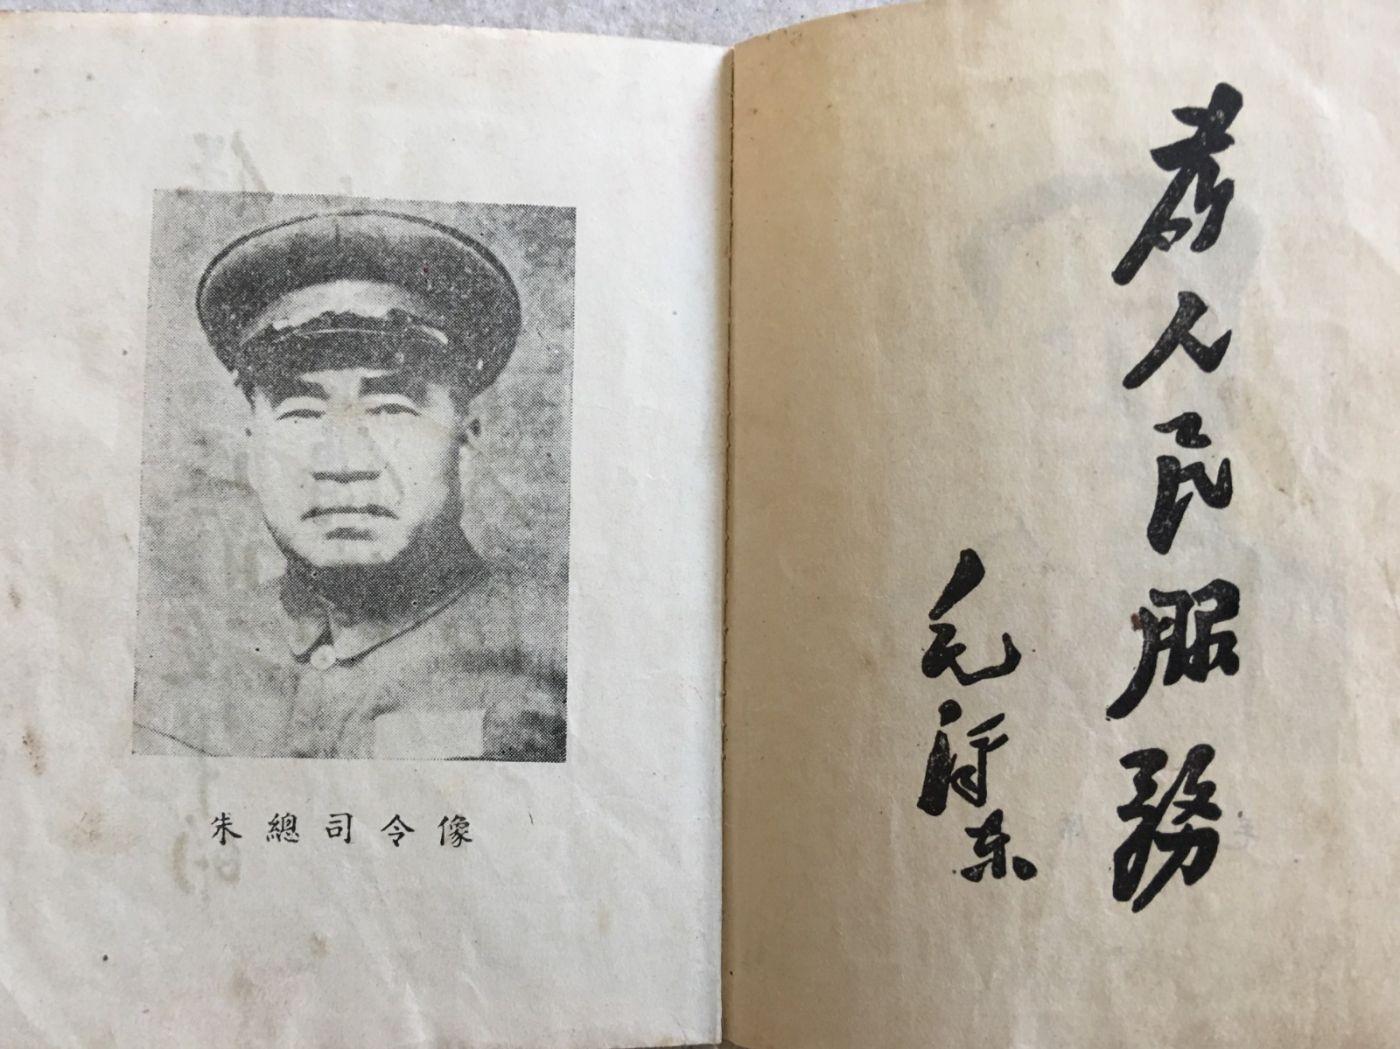 先父李太和军旅简介_图1-5